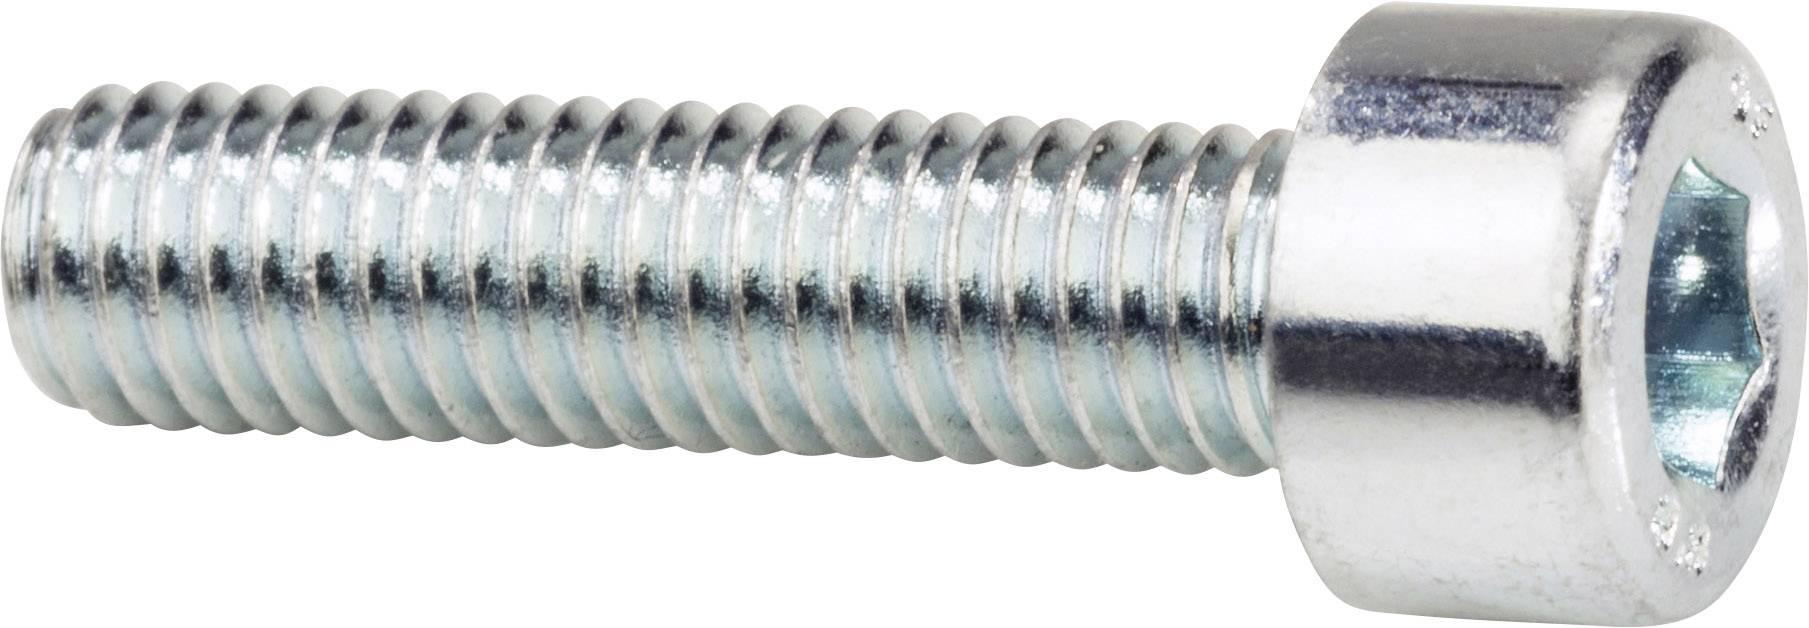 Šrouby s válcovou hlavou. 912, 4x30 100 ks